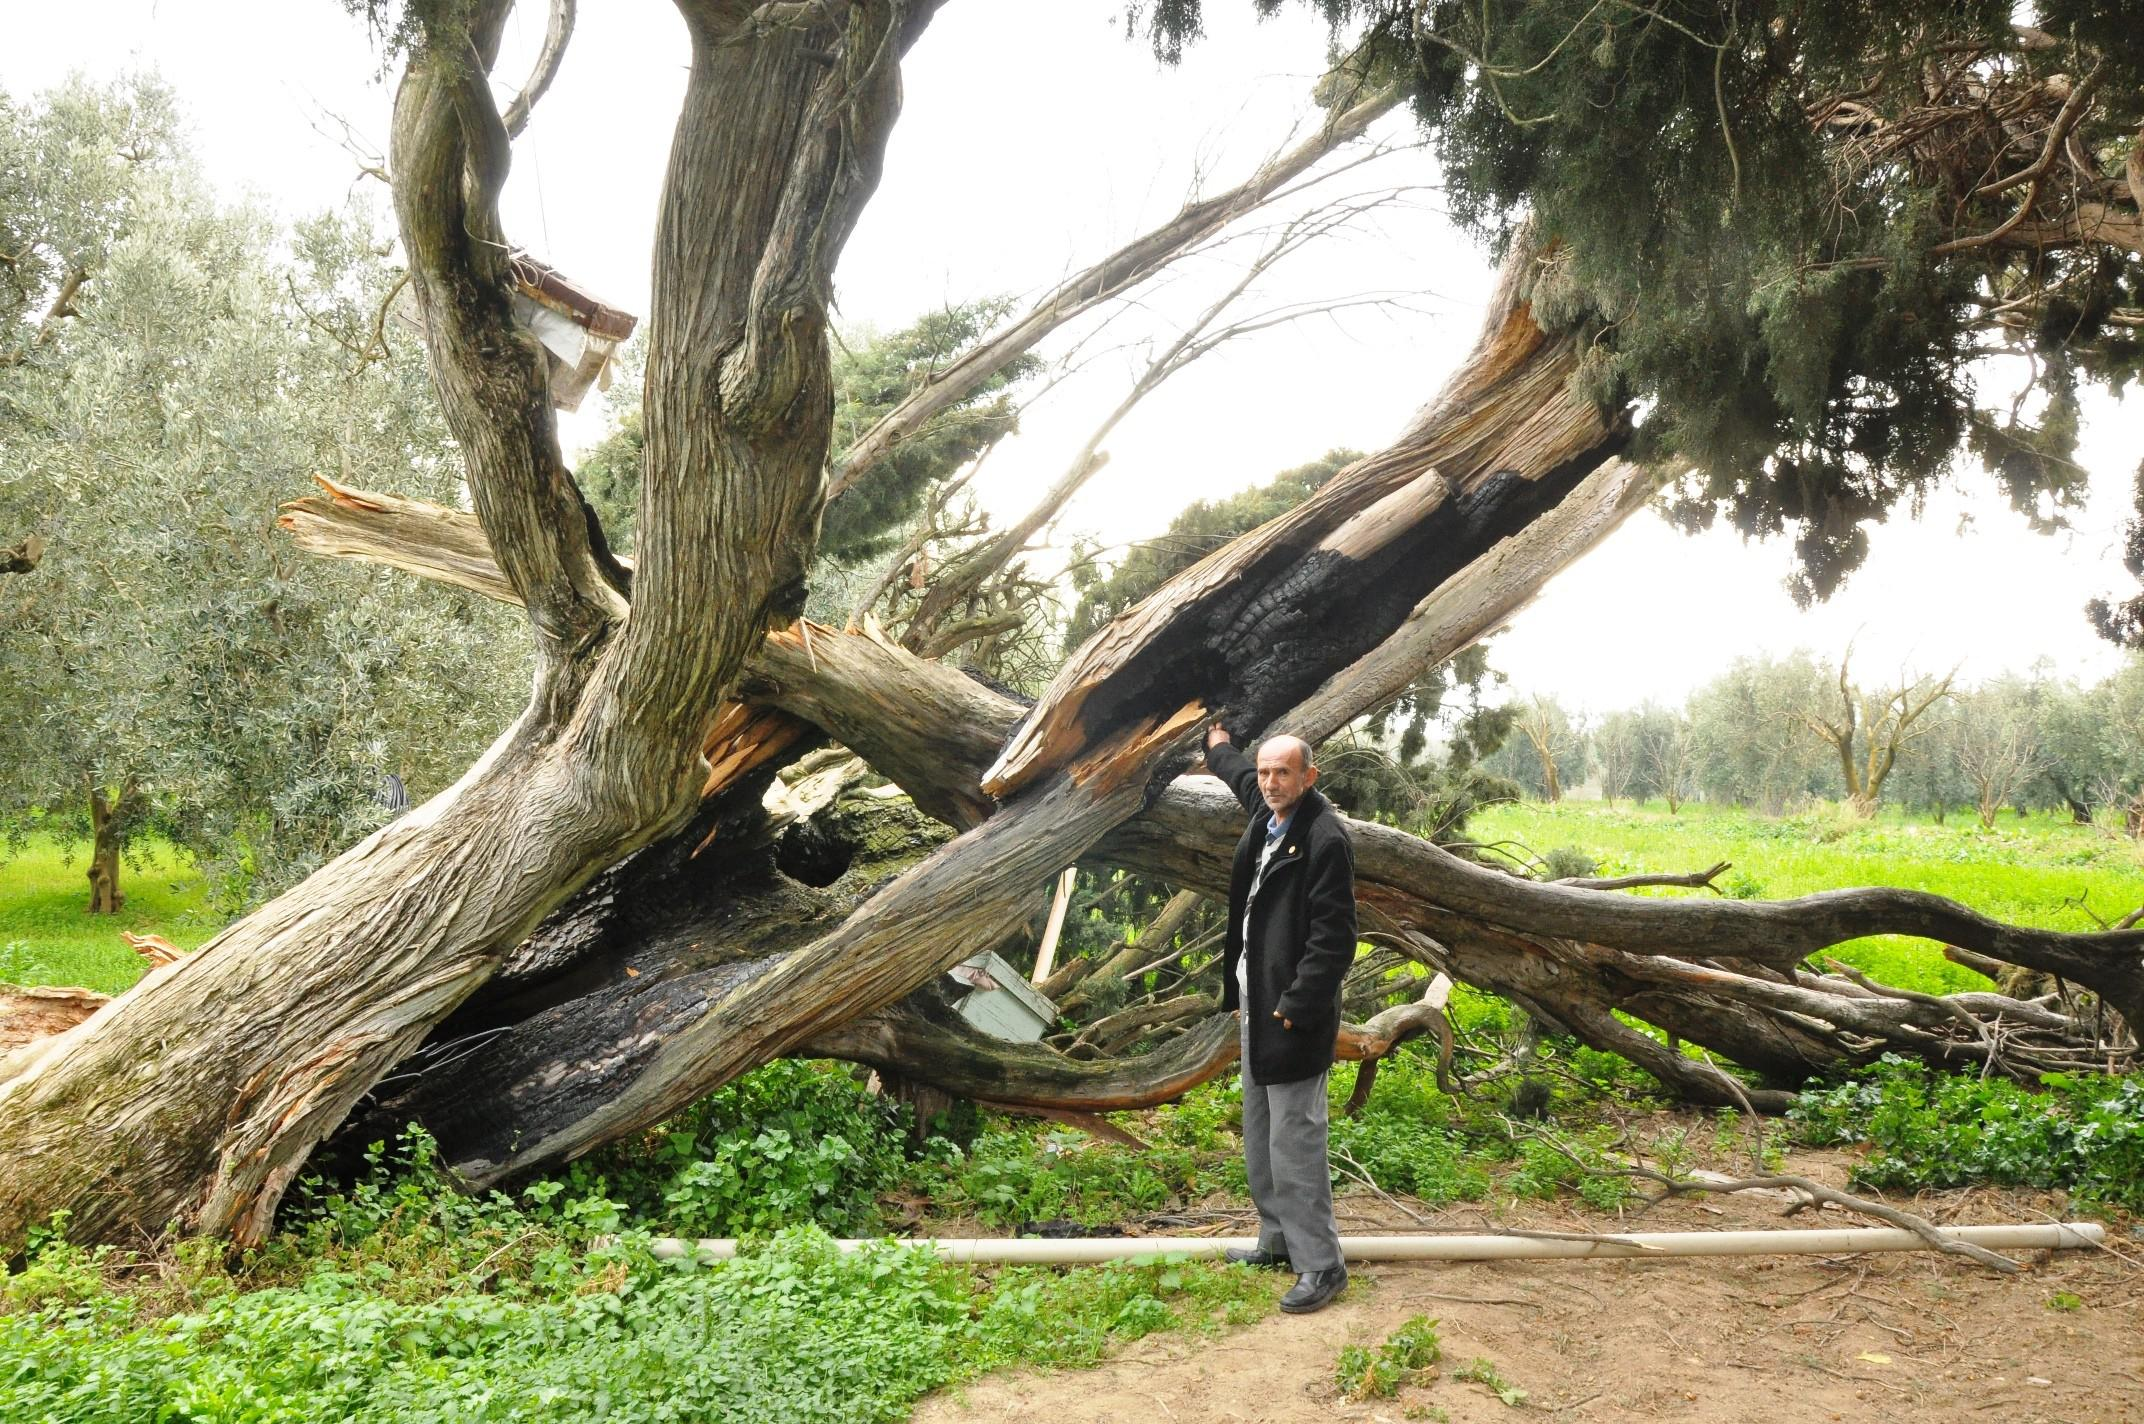 Doğa düşmanları Bursa'da 700 yıllık servi ağacını yaktılar